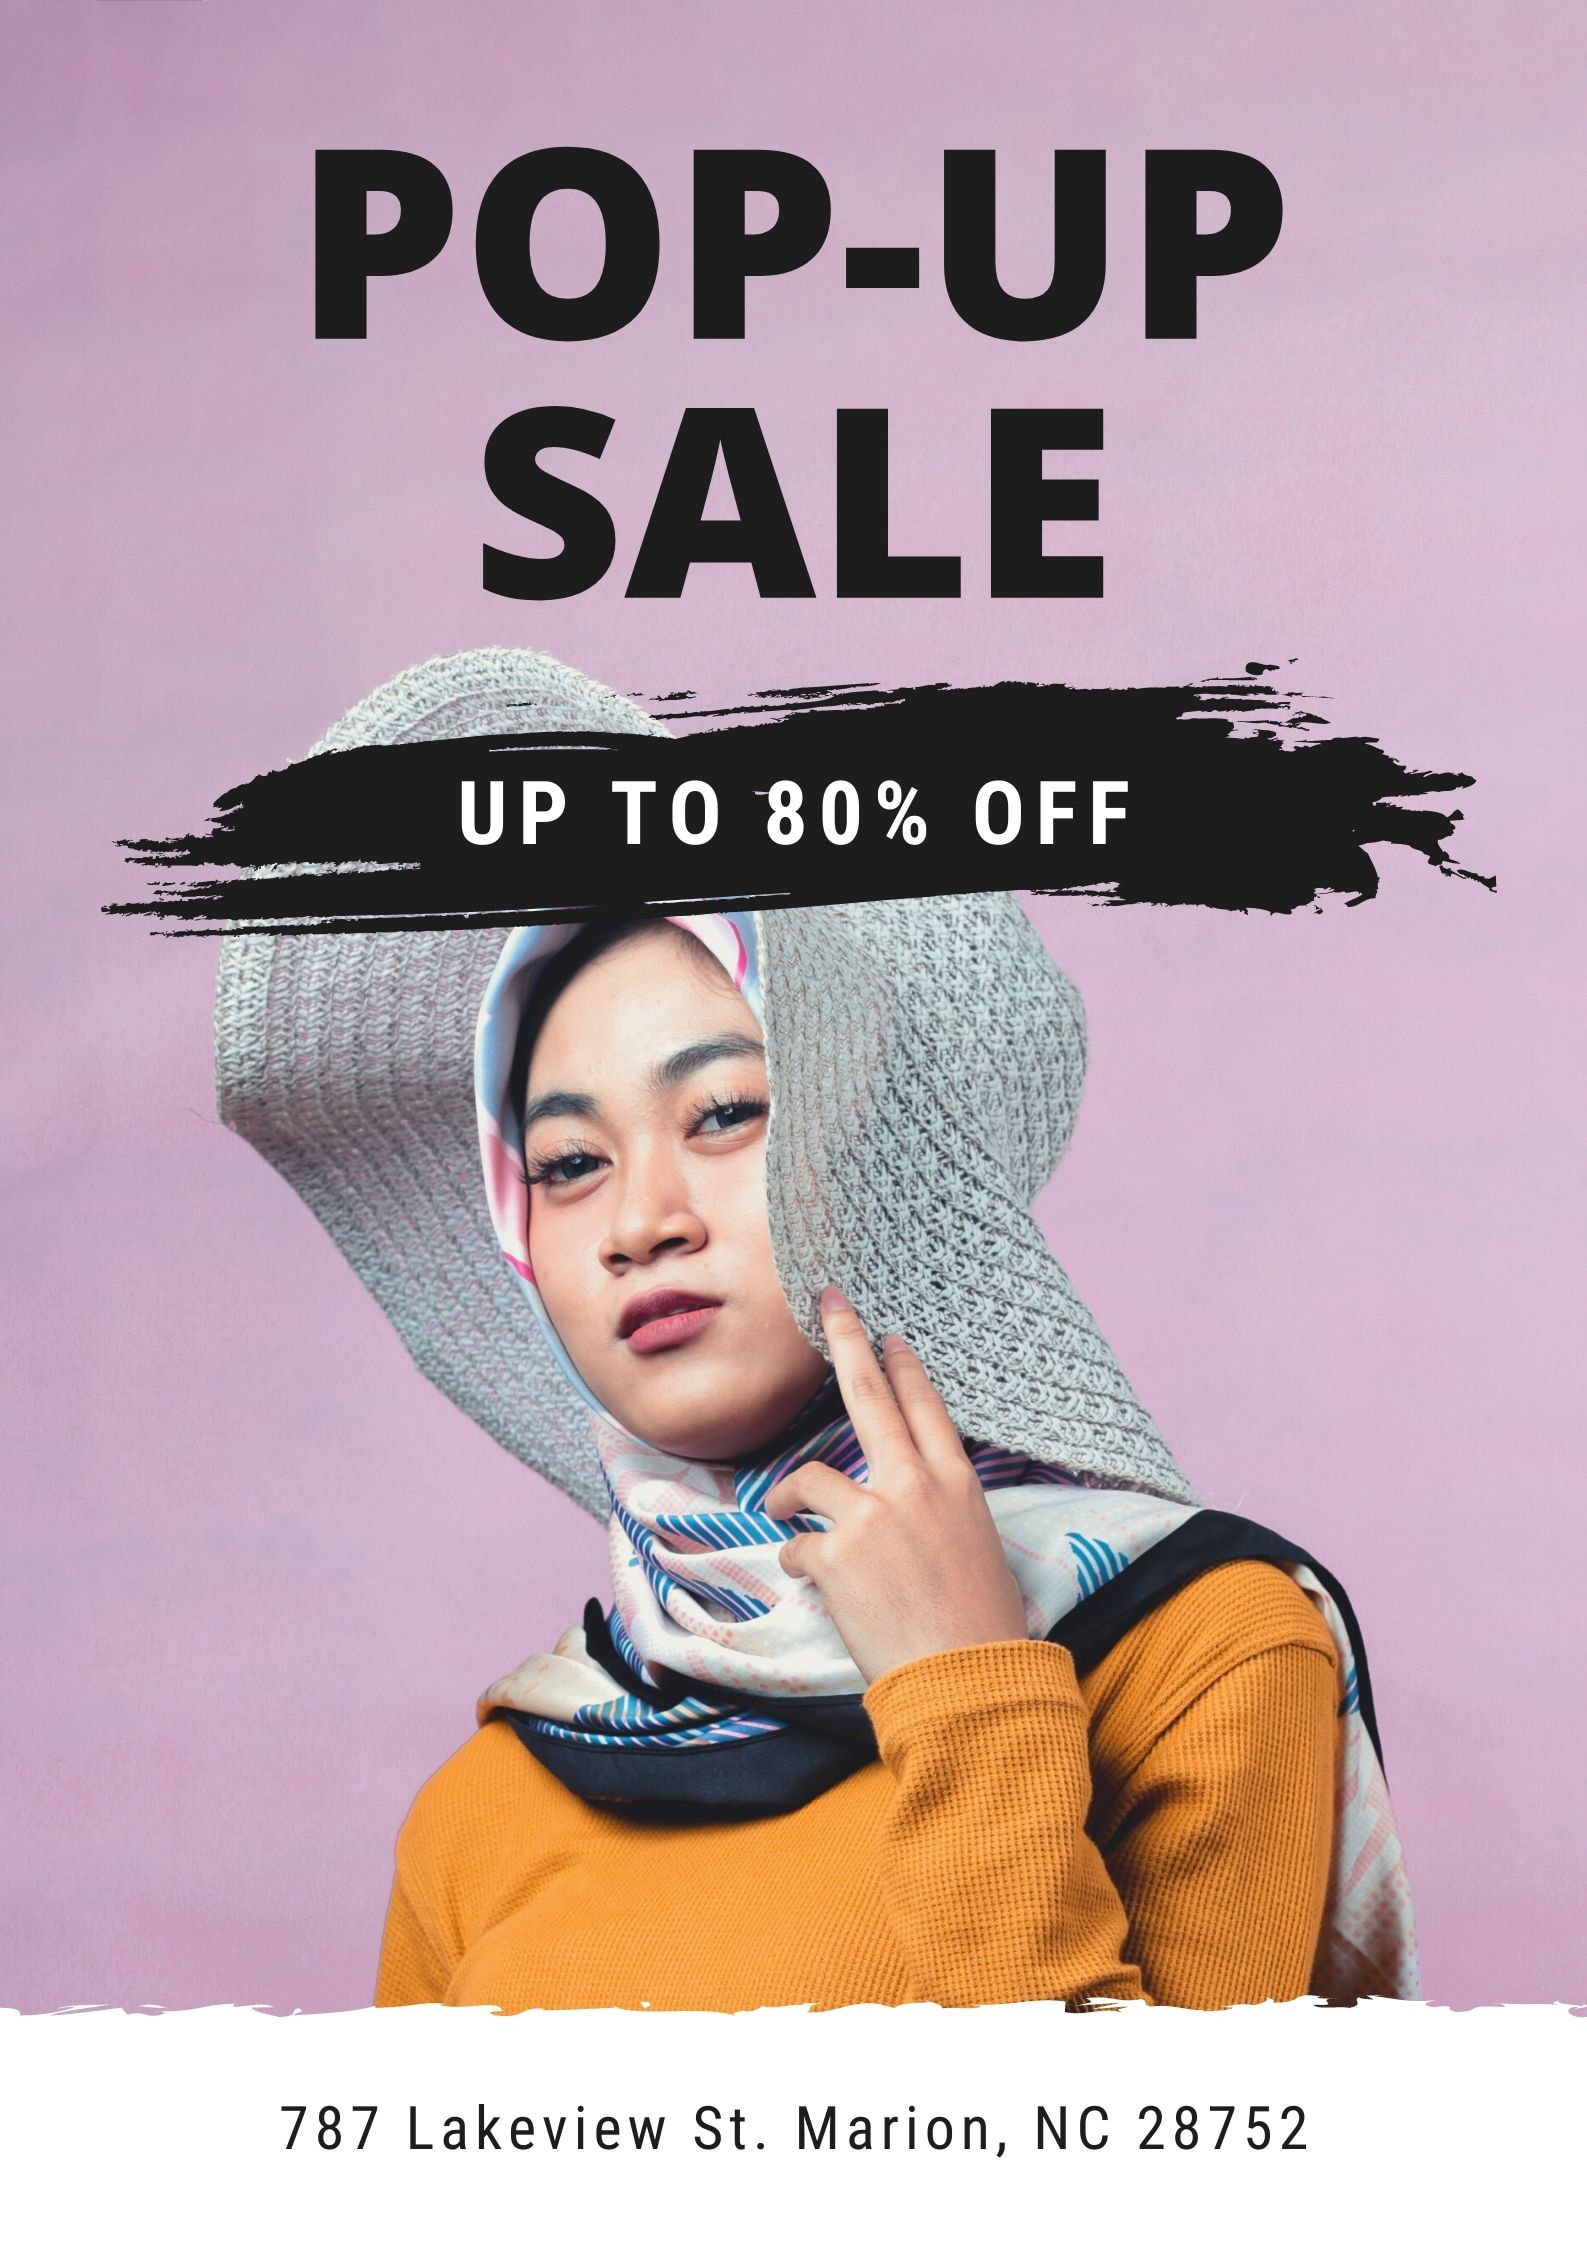 Poster per la vendita al dettaglio